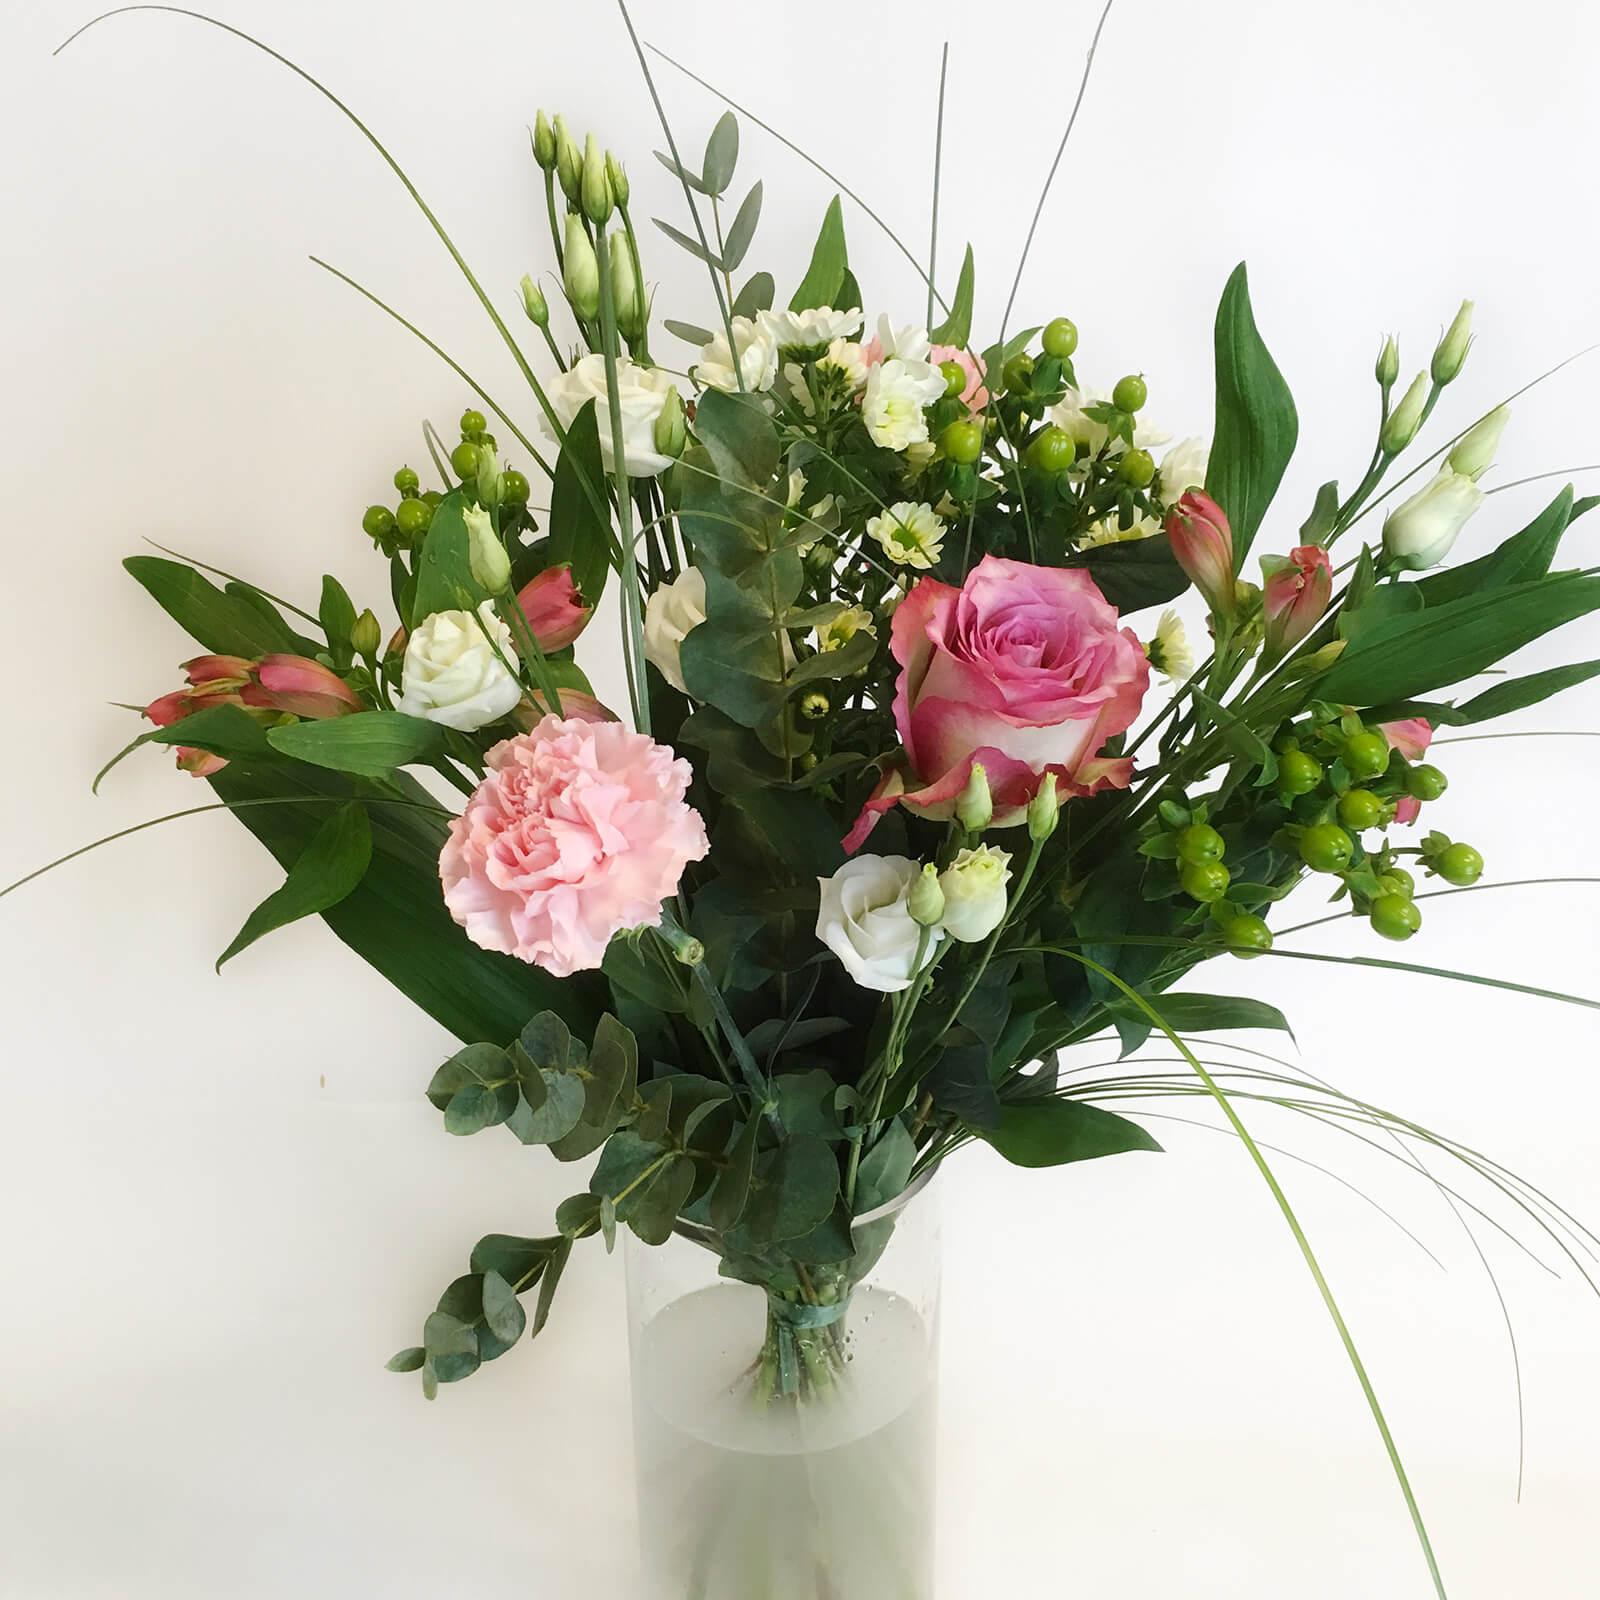 En luftig bukett med blandade blommor i vitt och rosa. Skicka blommor i Hunnebostrand, Kungshamn, Väjern, Smögen, Bovallstrand och Hovenäset.